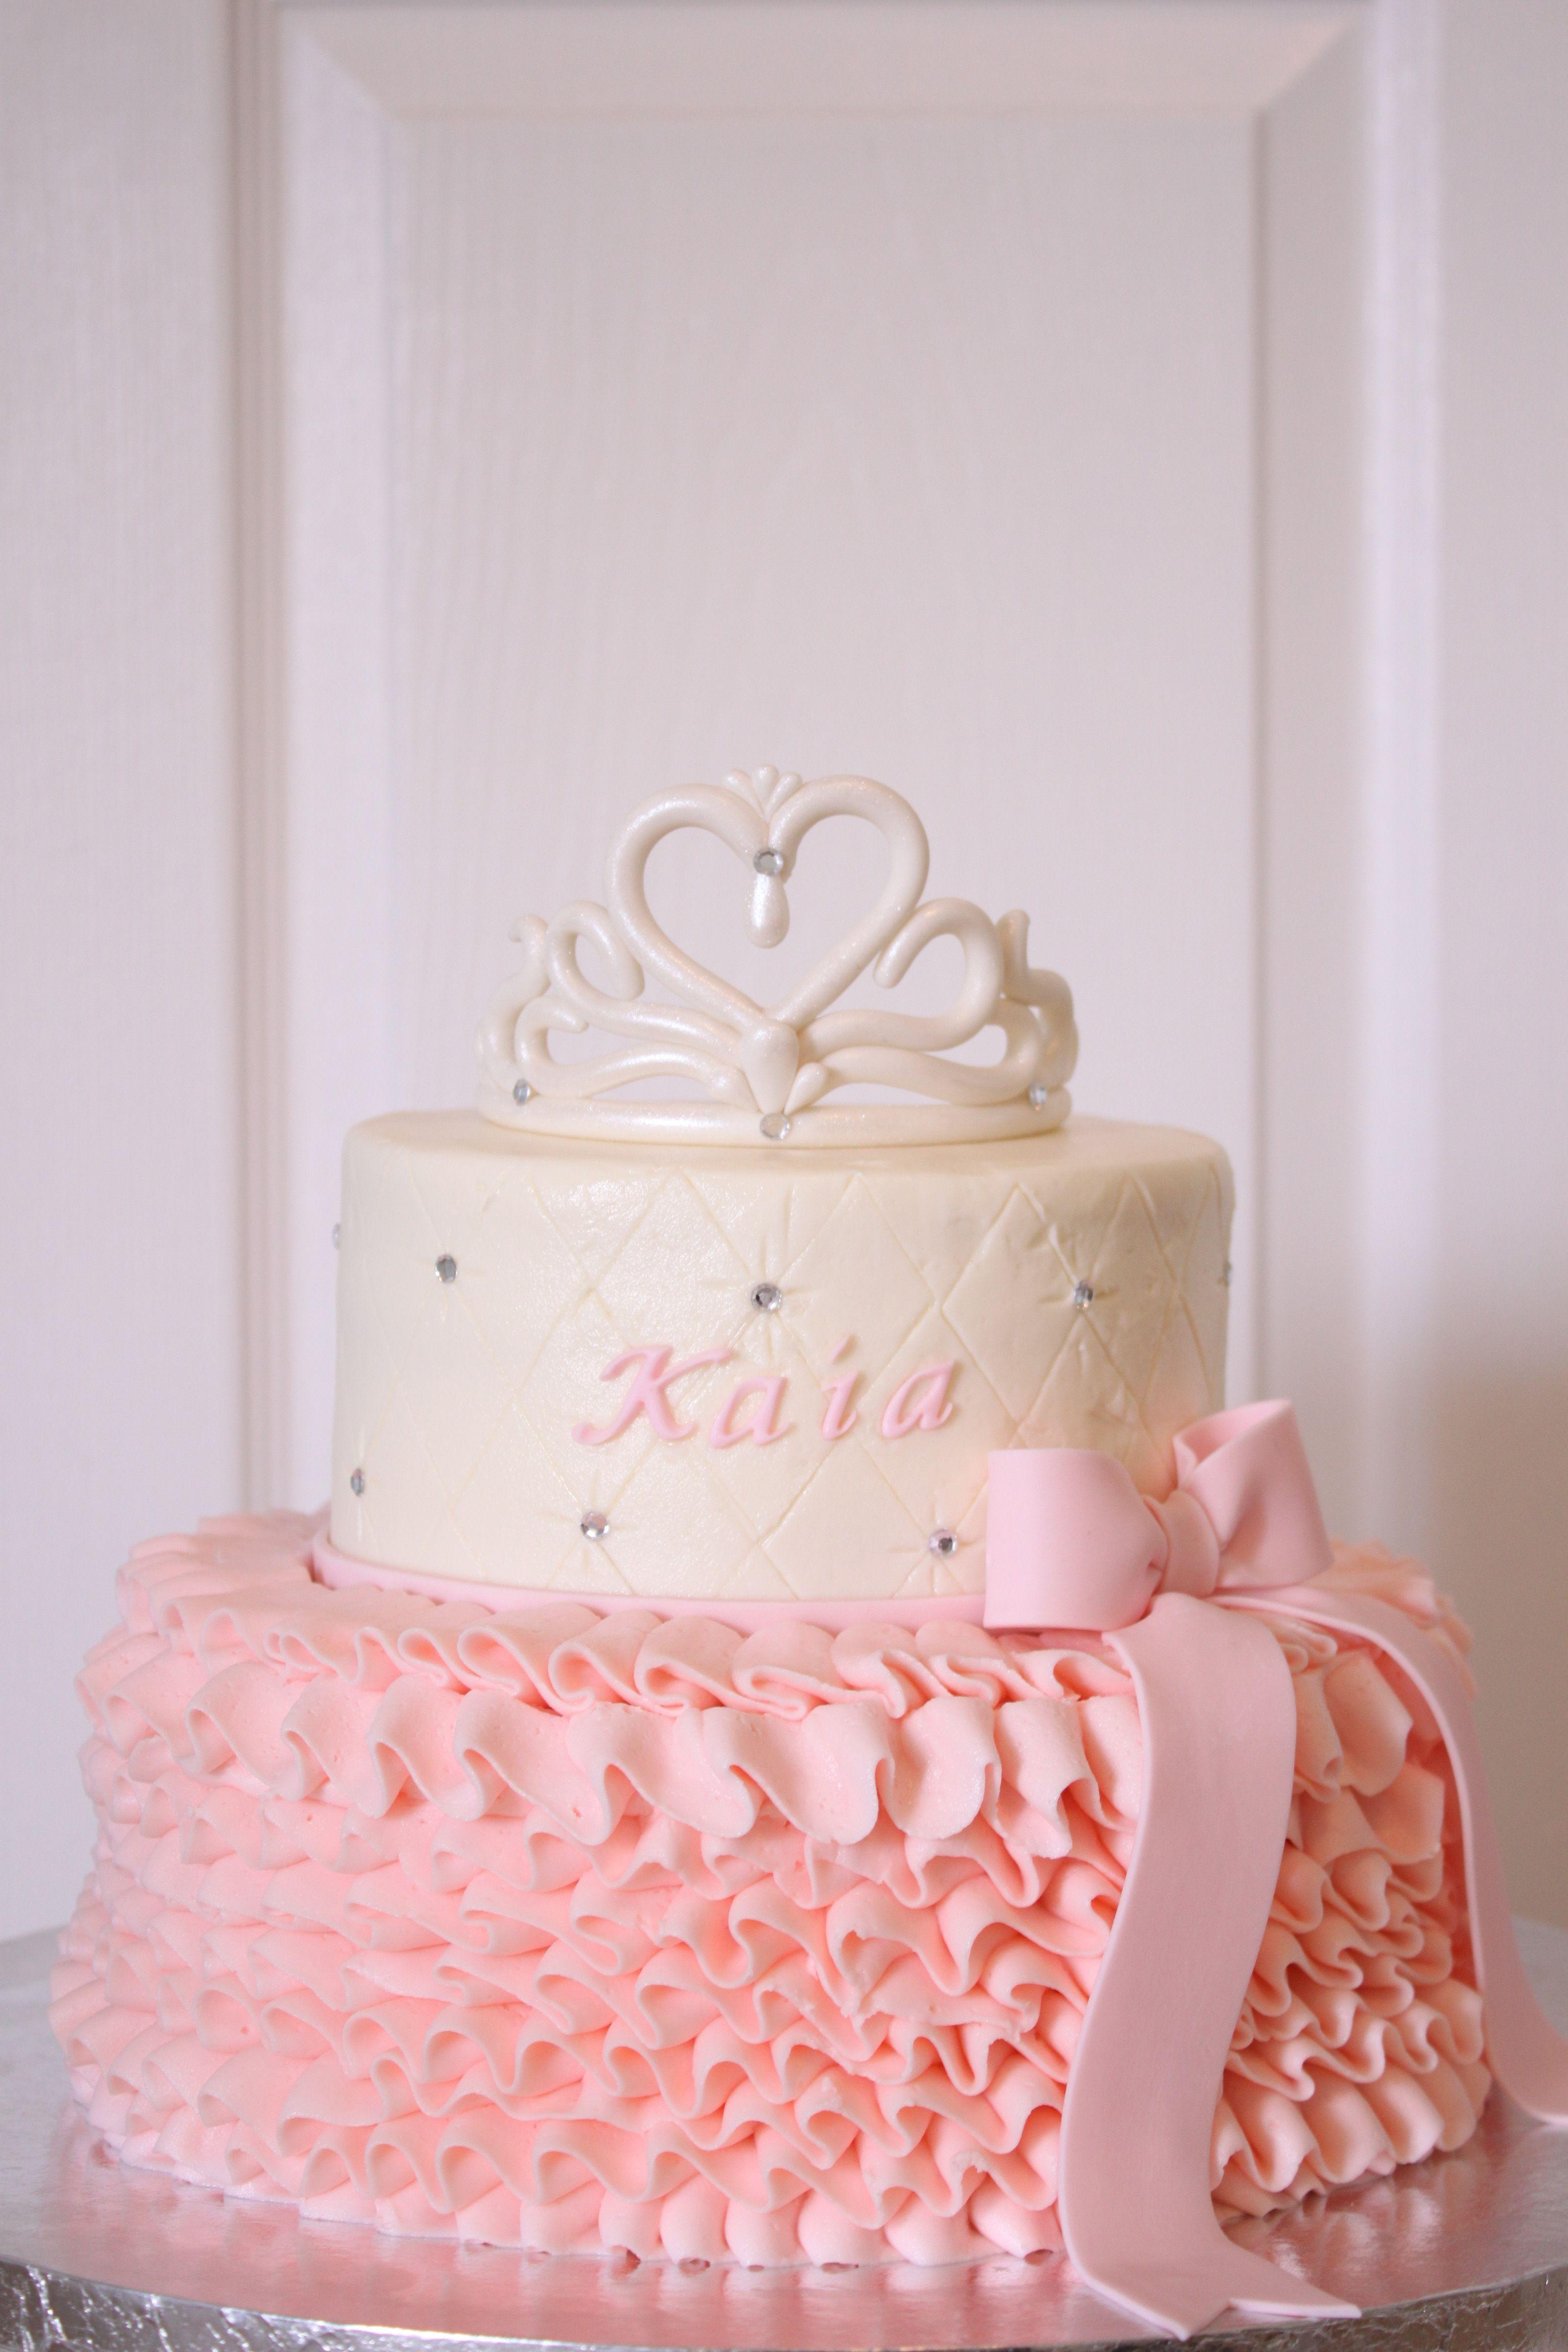 Tiara And Ruffles Baby Shower Cake